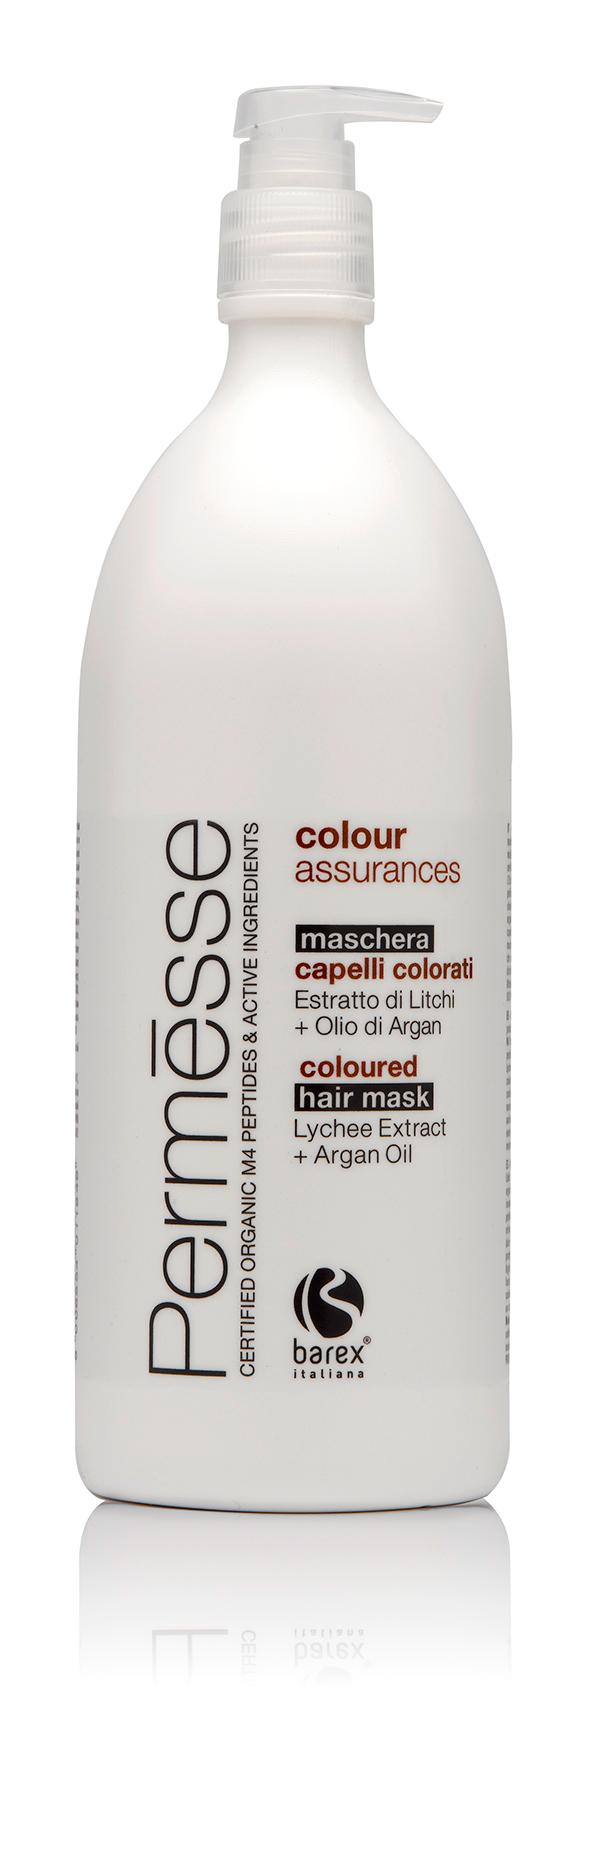 BAREX Маска для окрашенных волос с экстрактом личи и маслом арганы / PERMESSE 1000мл